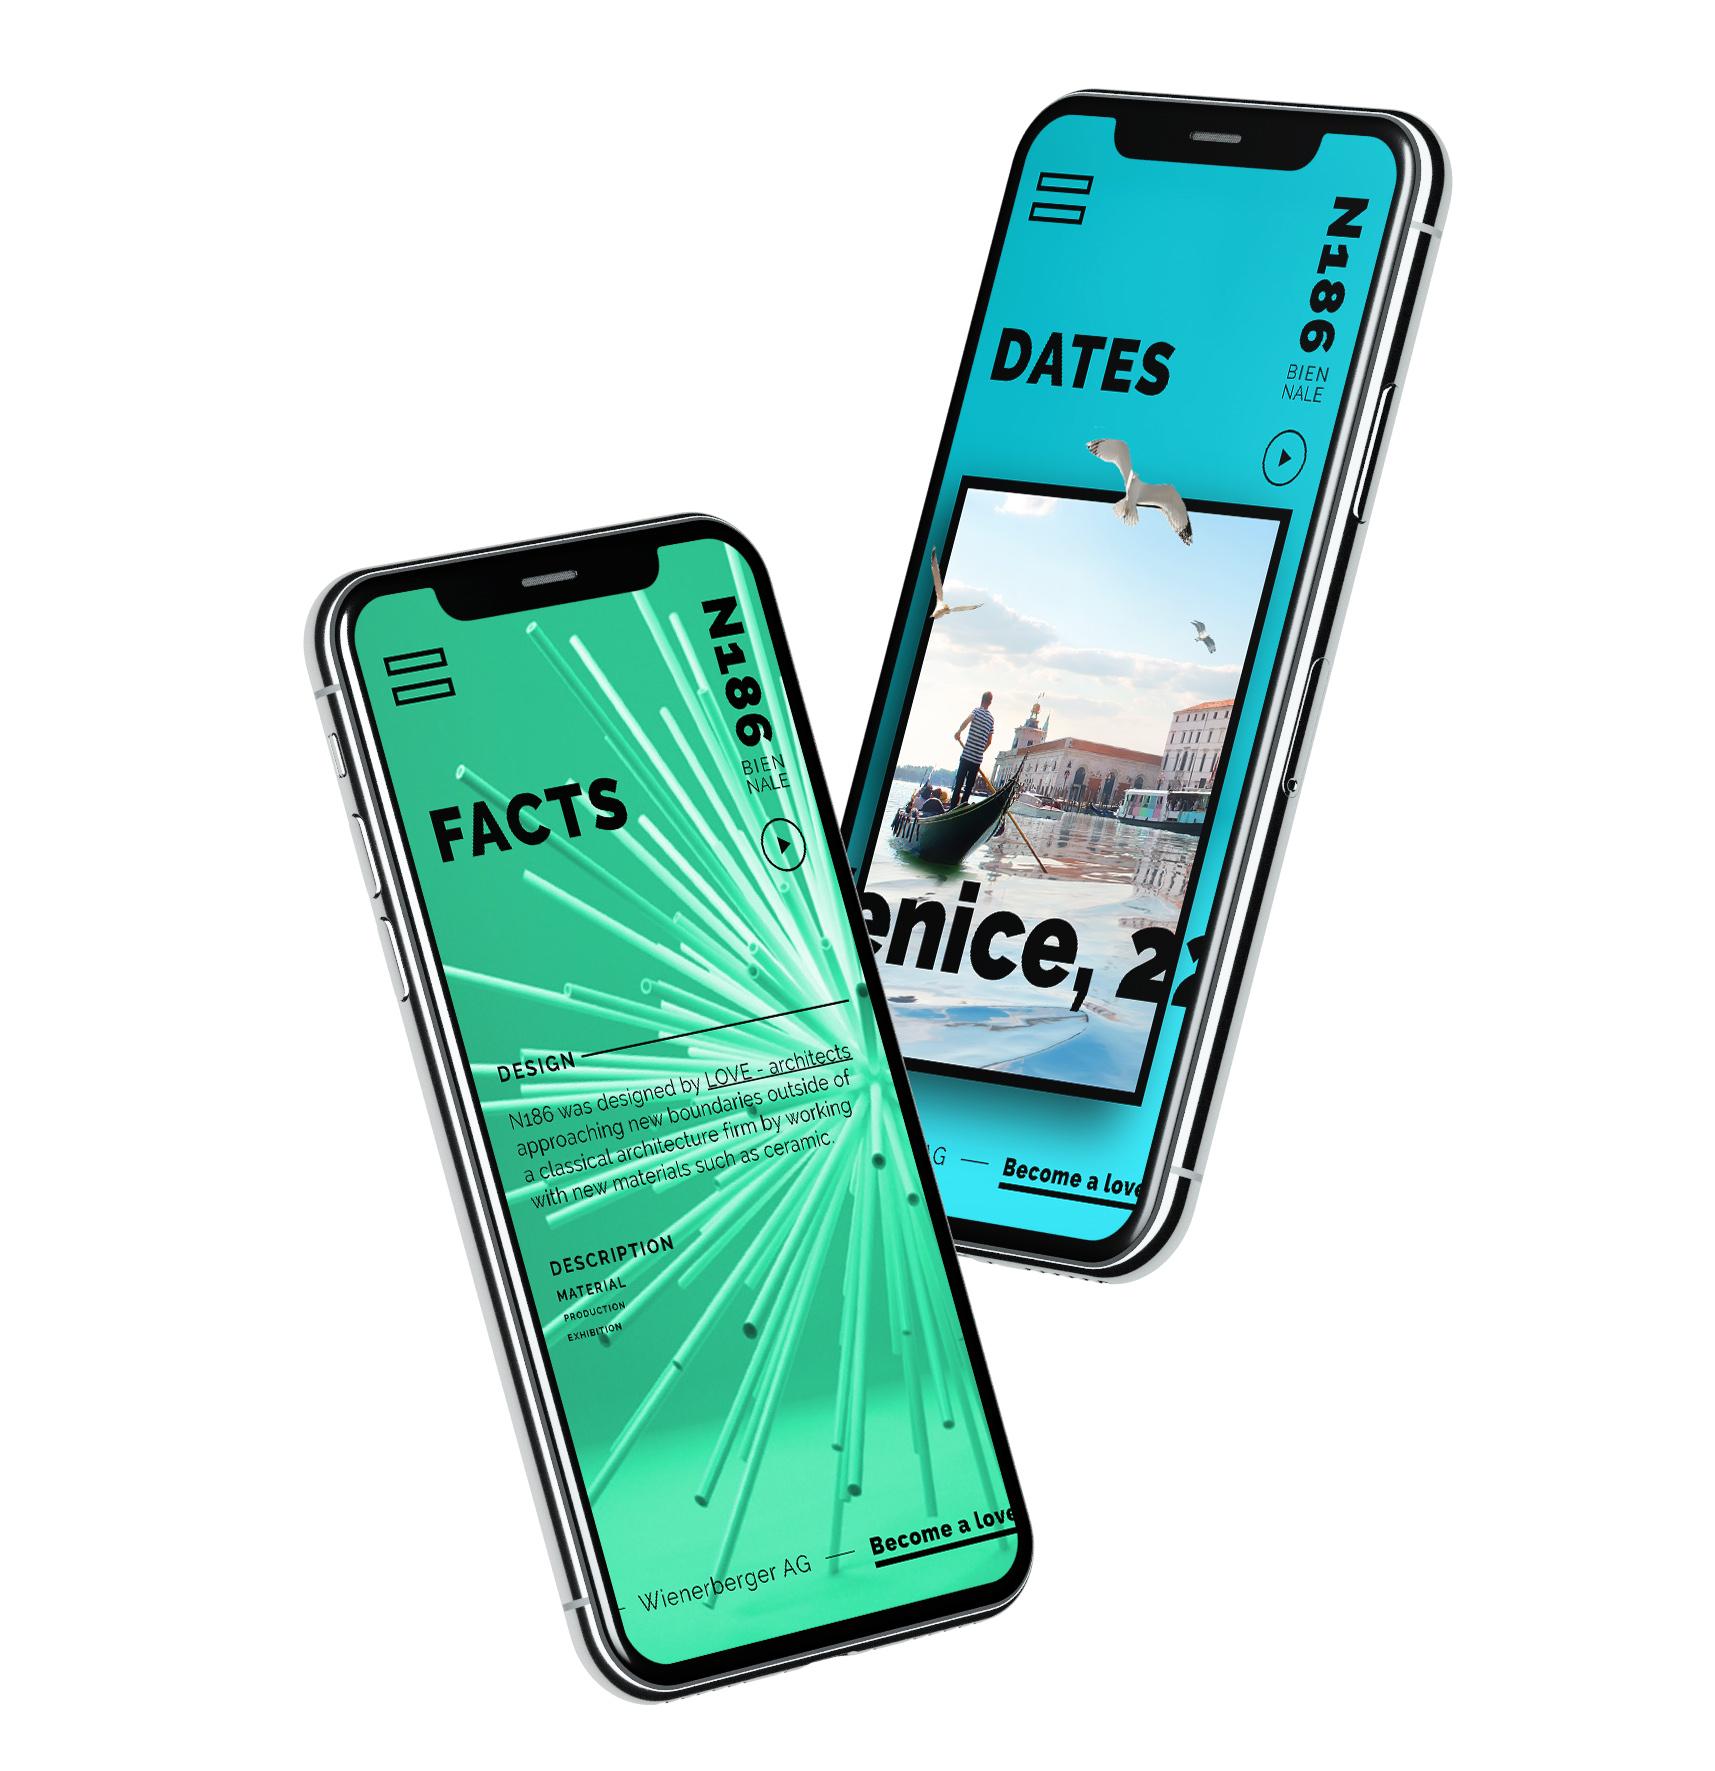 Projekt N186 von LOVE architects als Mockup auf zwei Smartphones